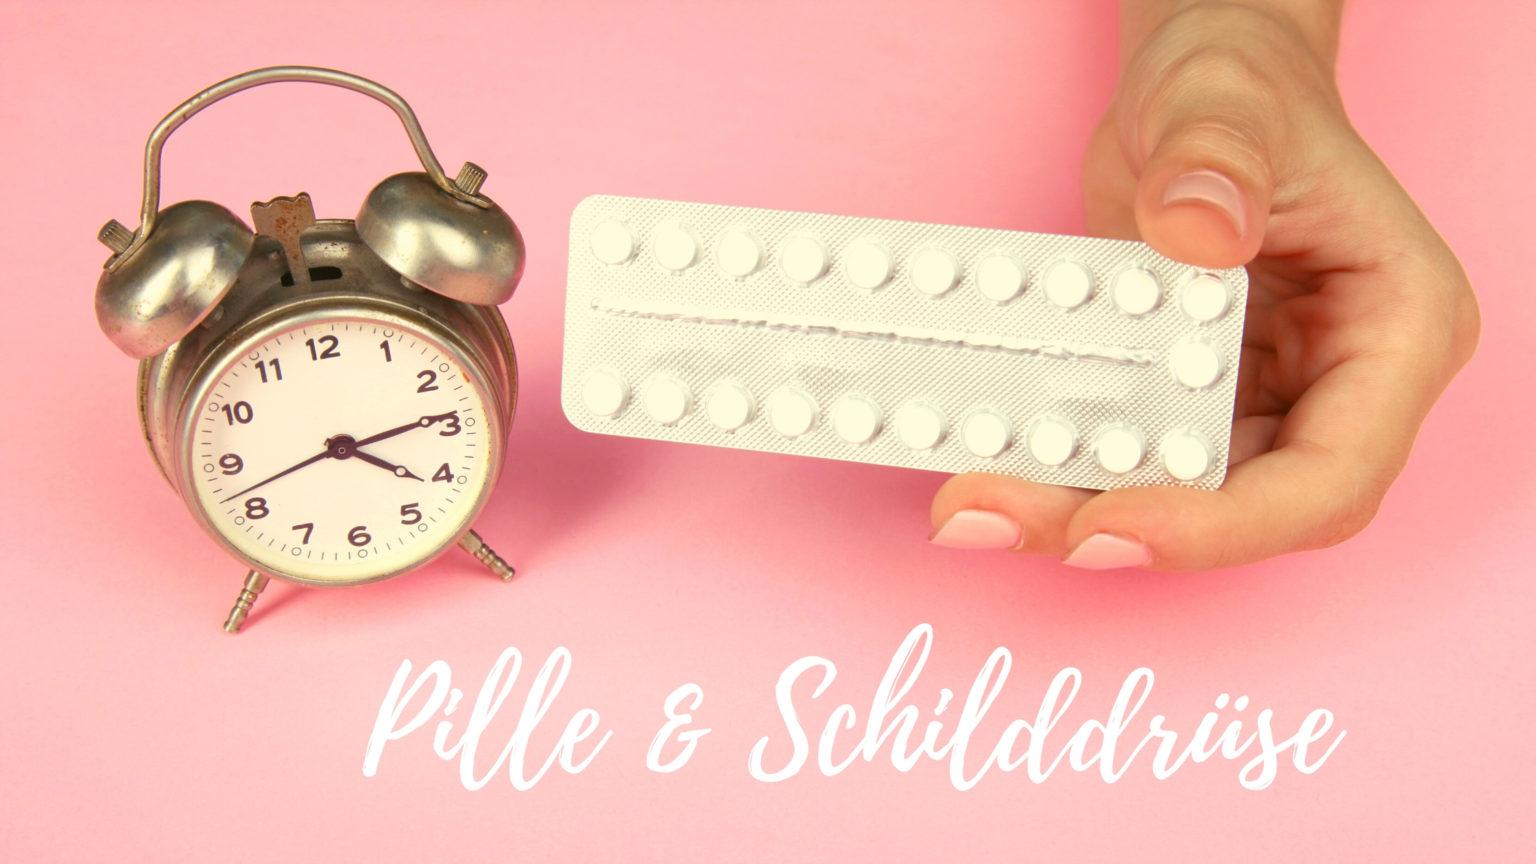 Pille und Schilddrüse